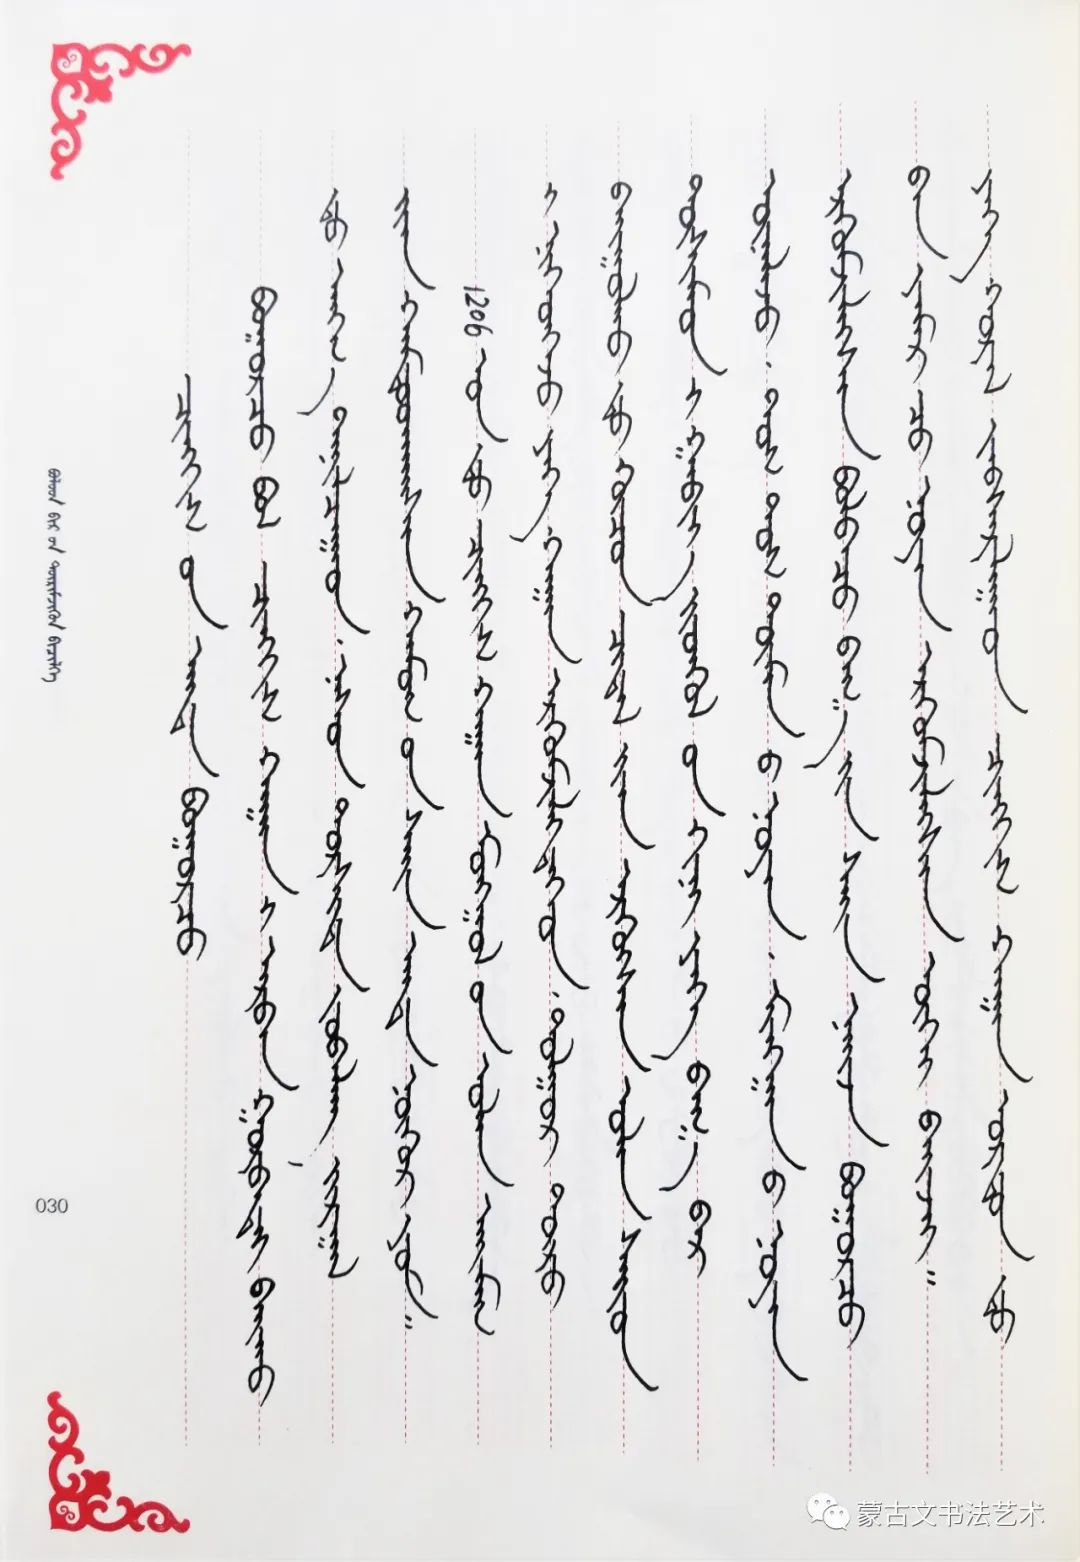 奈曼旗蒙古族实验小学十人《蒙古文钢笔规范字》 第17张 奈曼旗蒙古族实验小学十人《蒙古文钢笔规范字》 蒙古书法